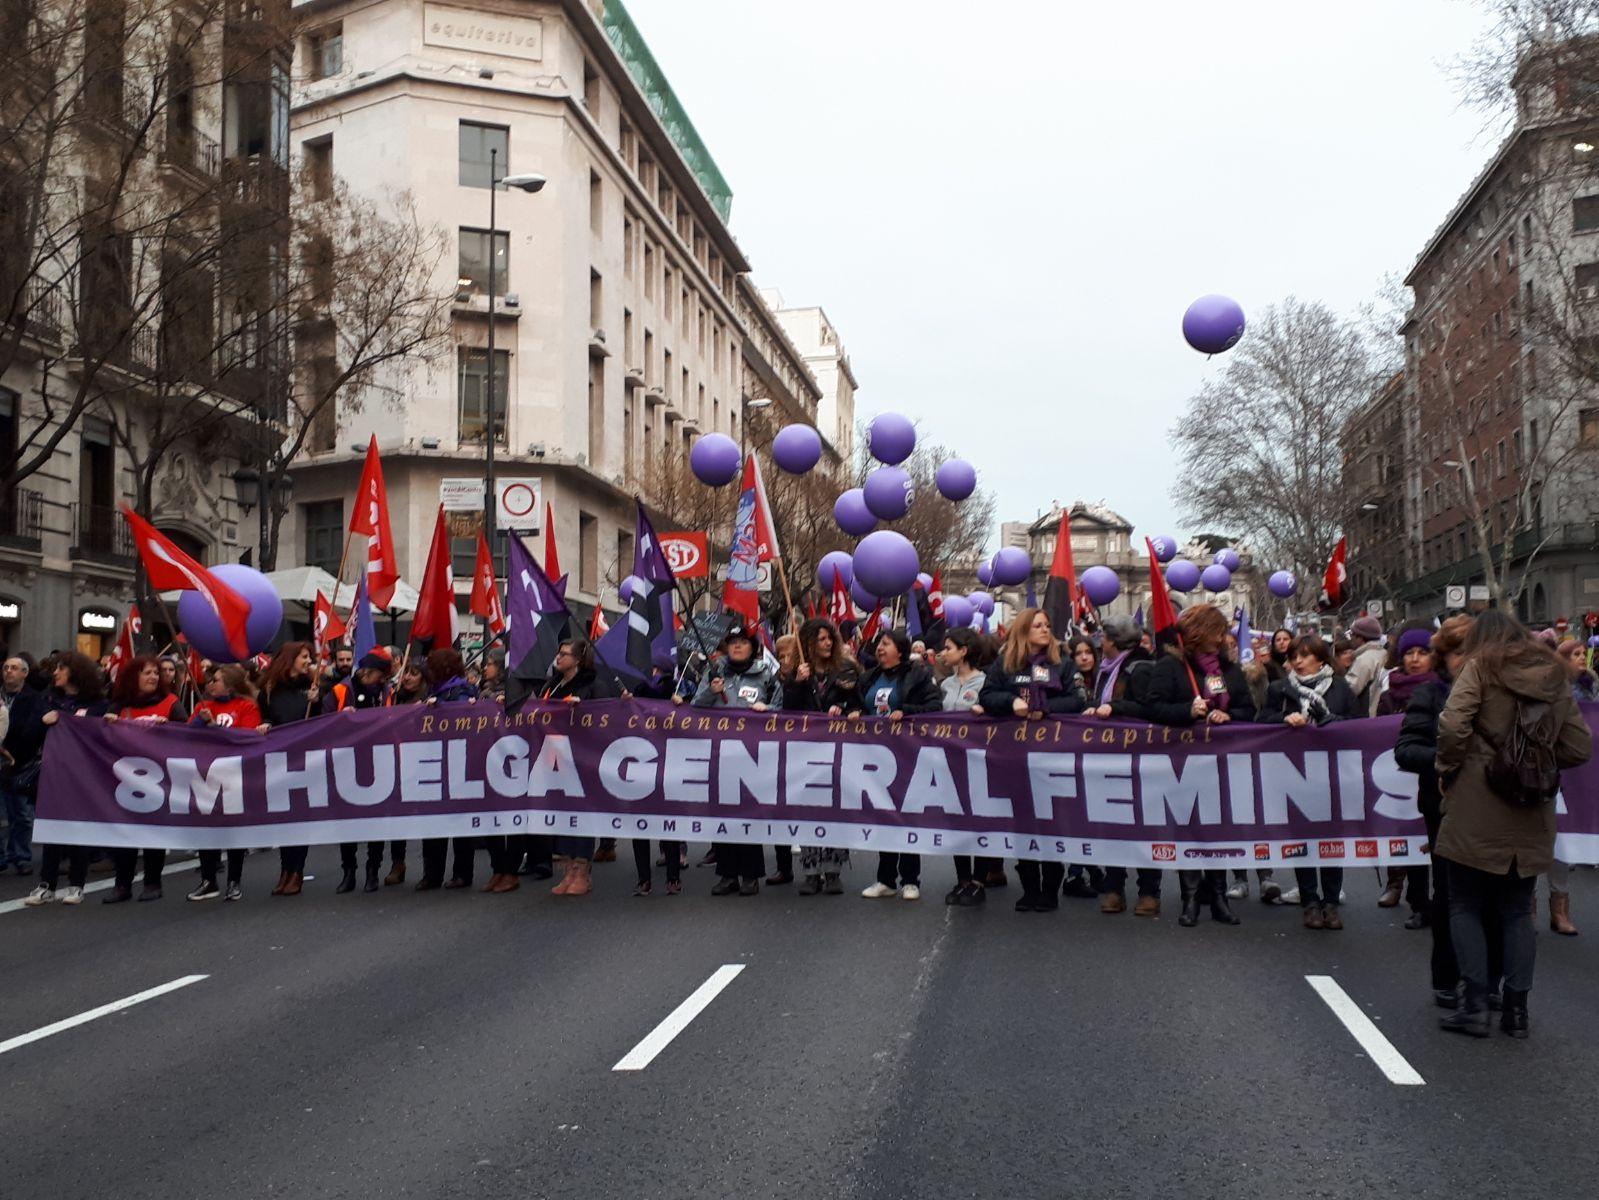 Fotos, Bloque combativo en Madrid, 8 de Marzo